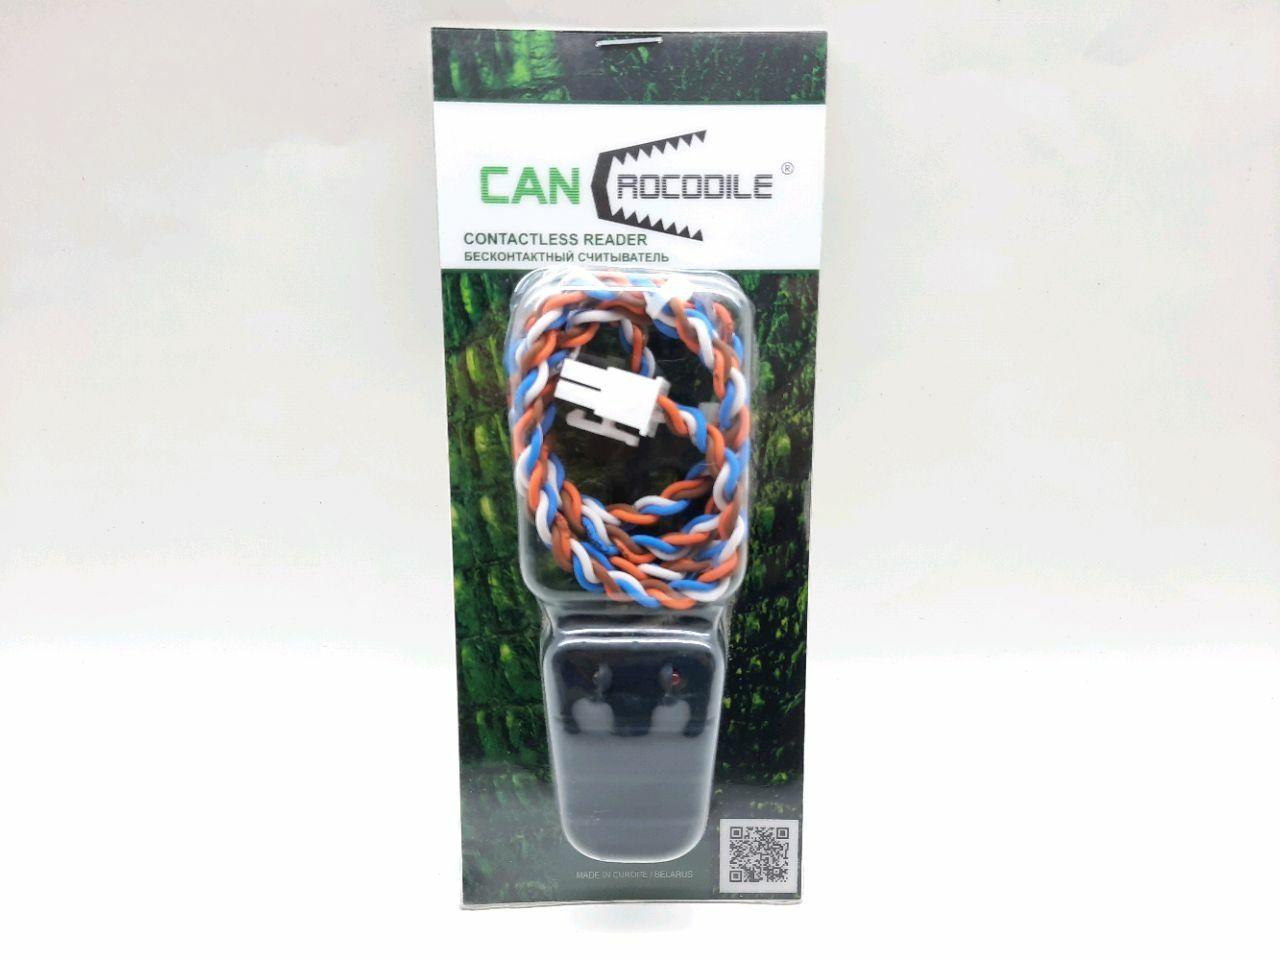 FMSCrocodile CCAN